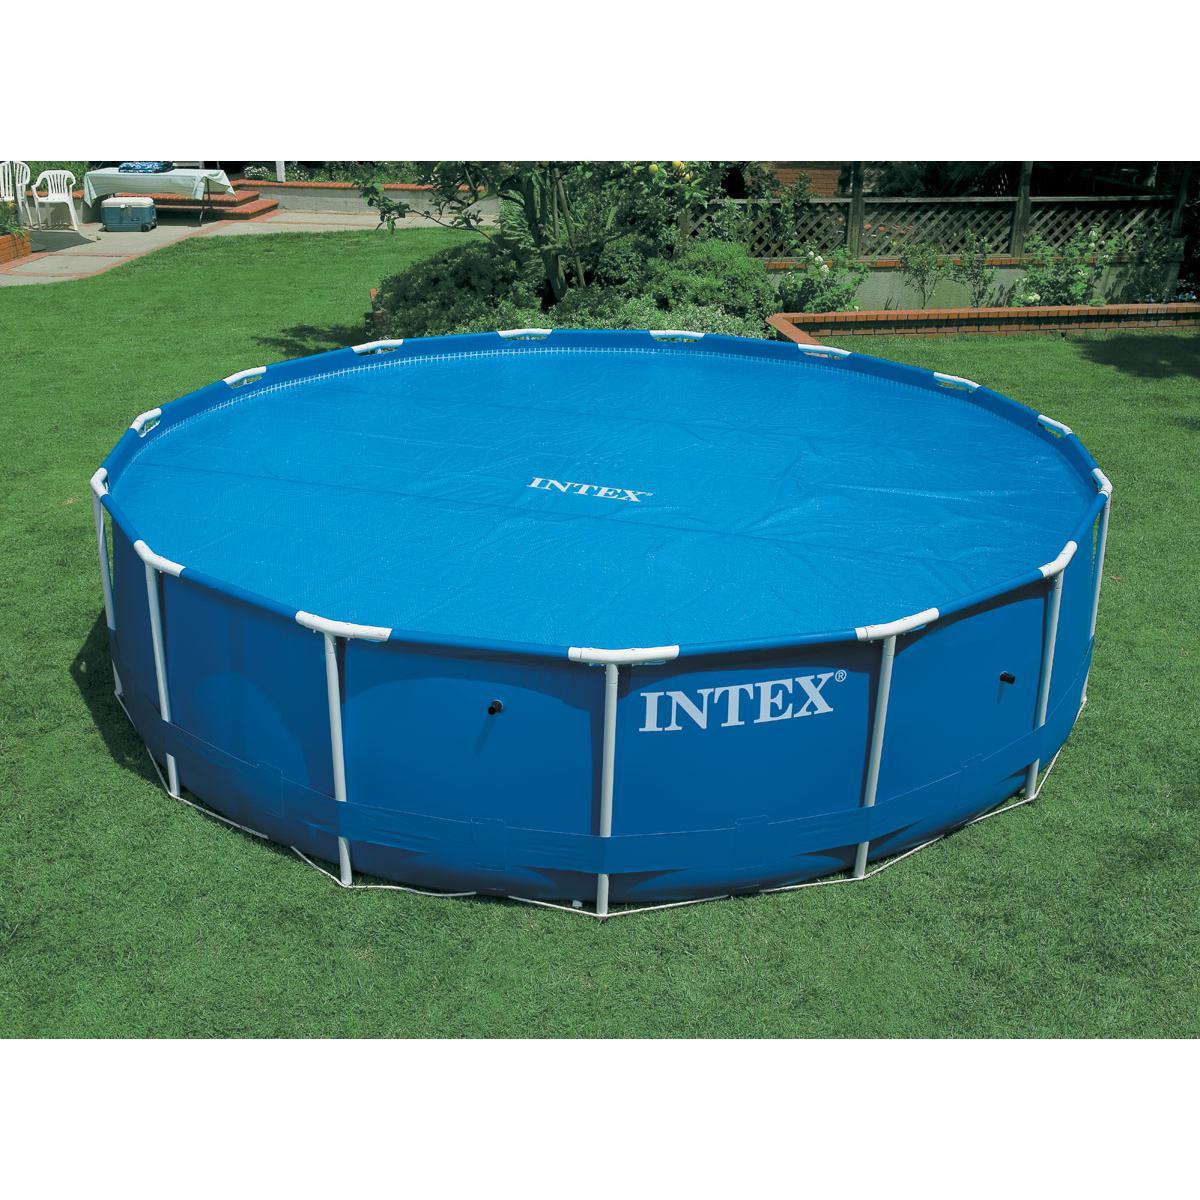 Intex Bâche à bulles pour piscine Ø 5,49 m - Intex